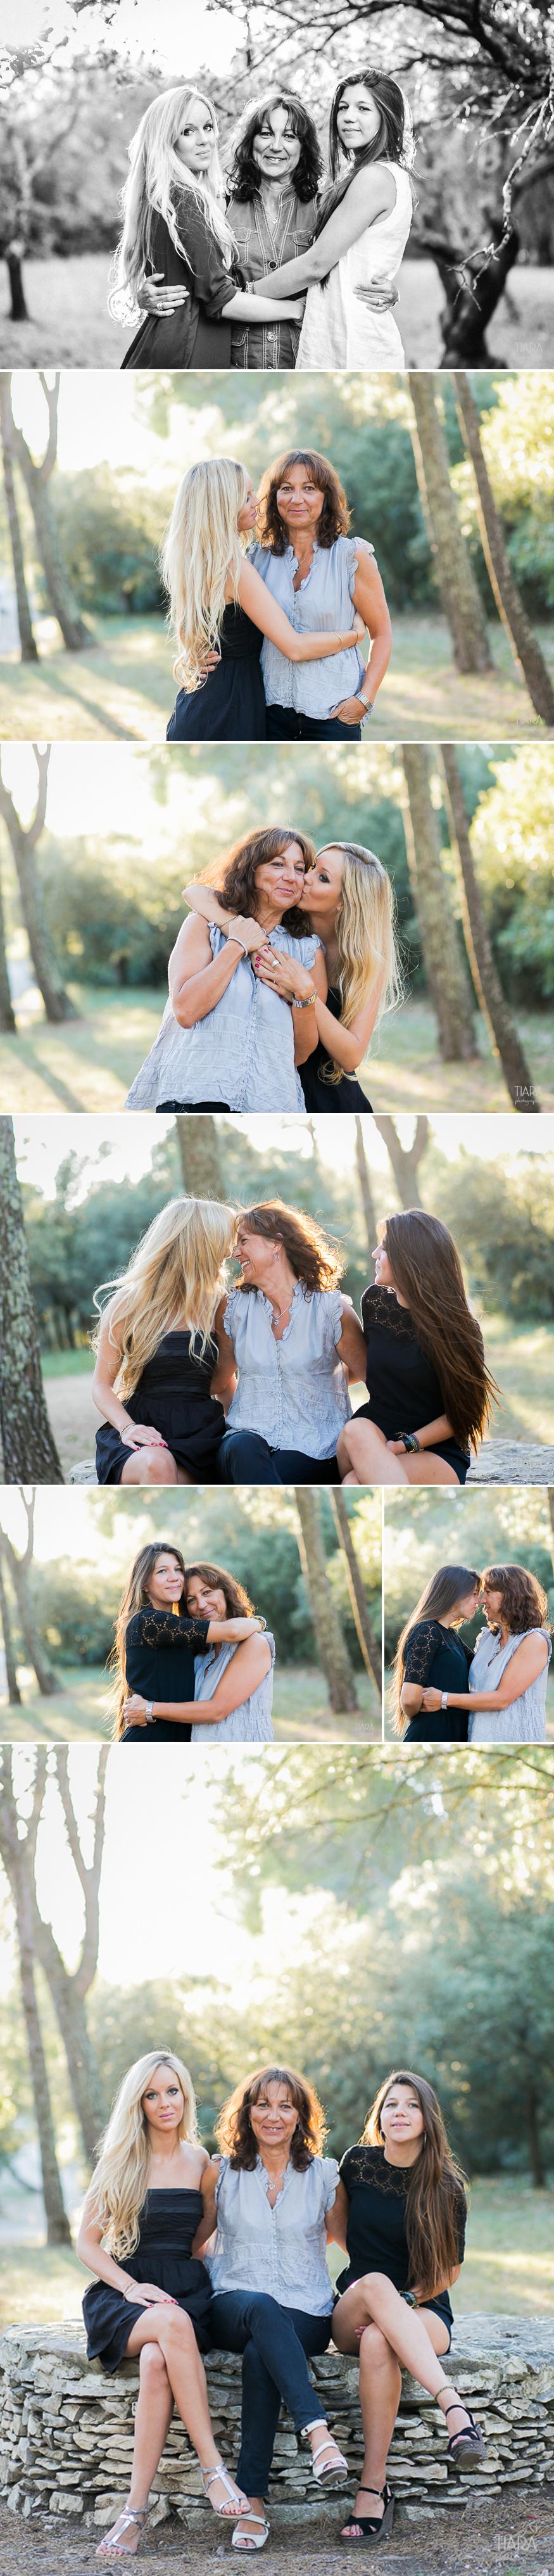 photographe famille nimes